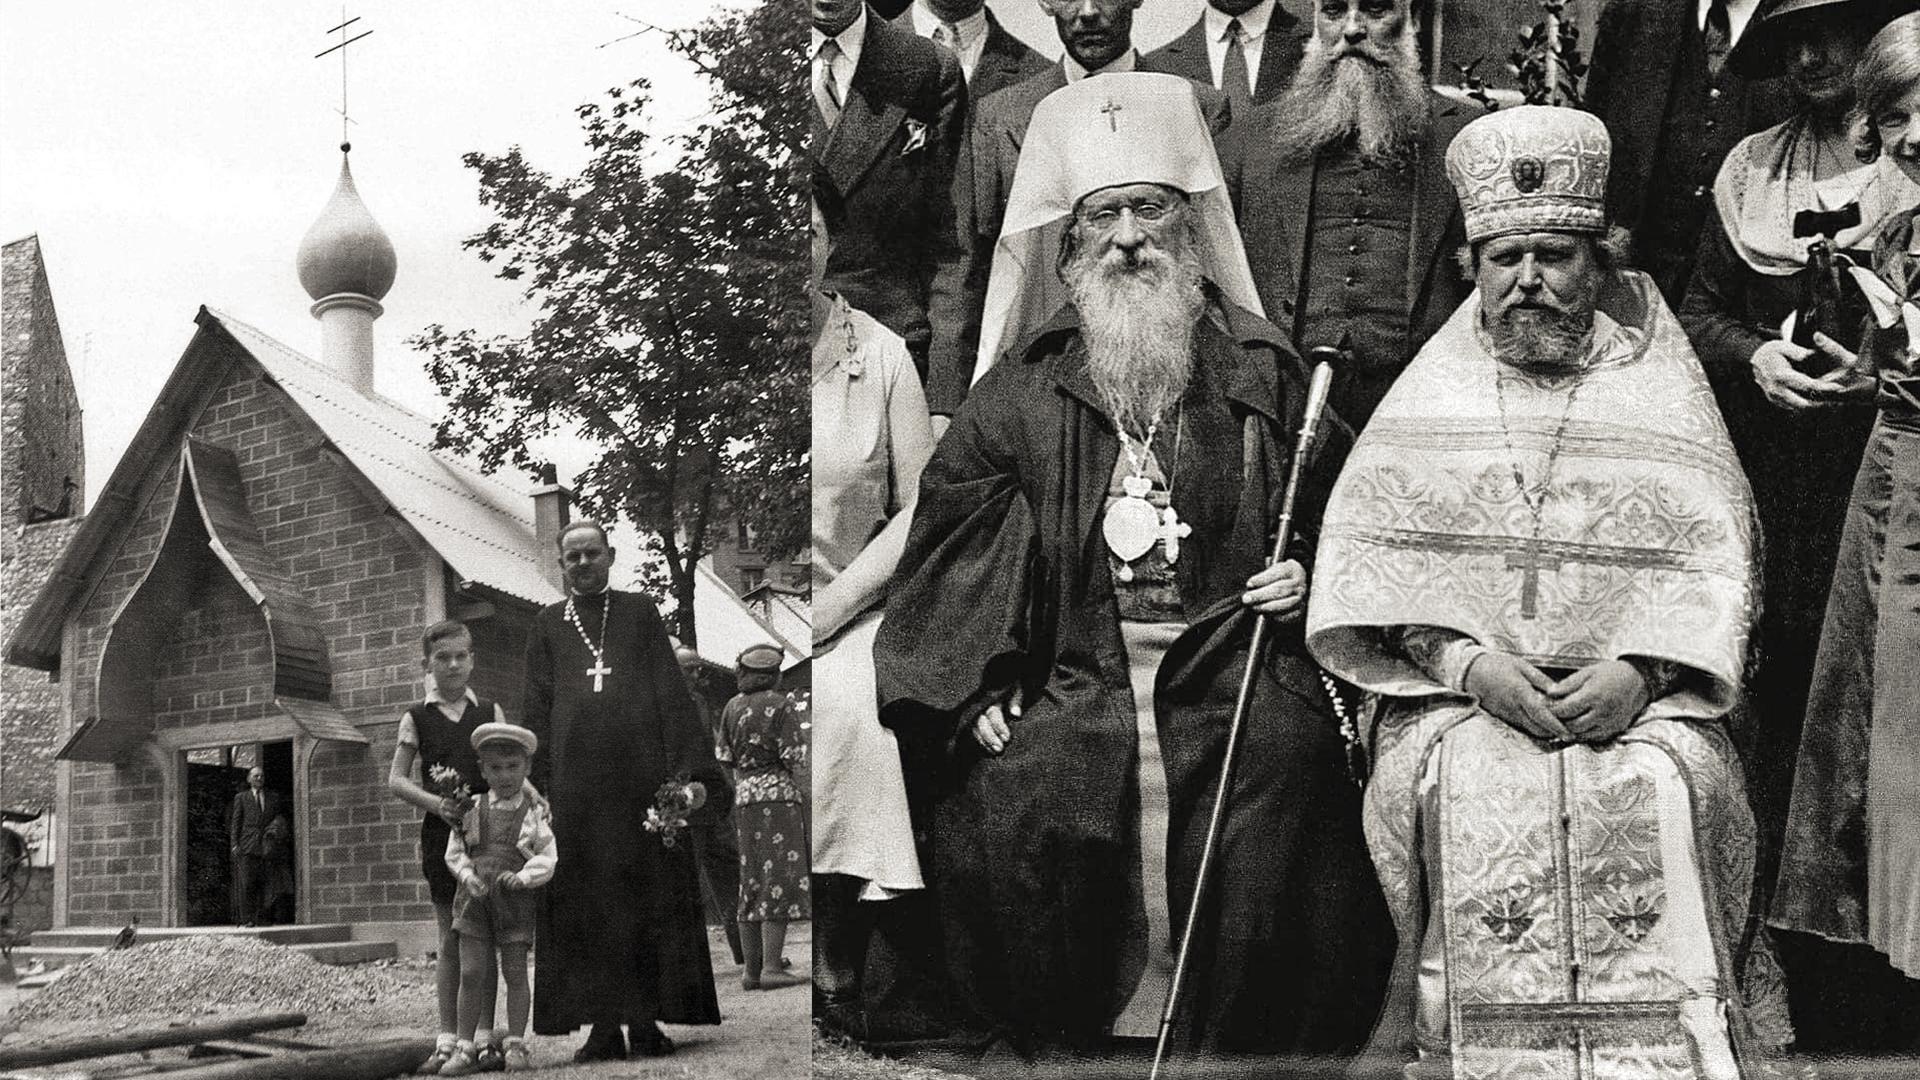 Eglise orthodoxe Montage 16-9